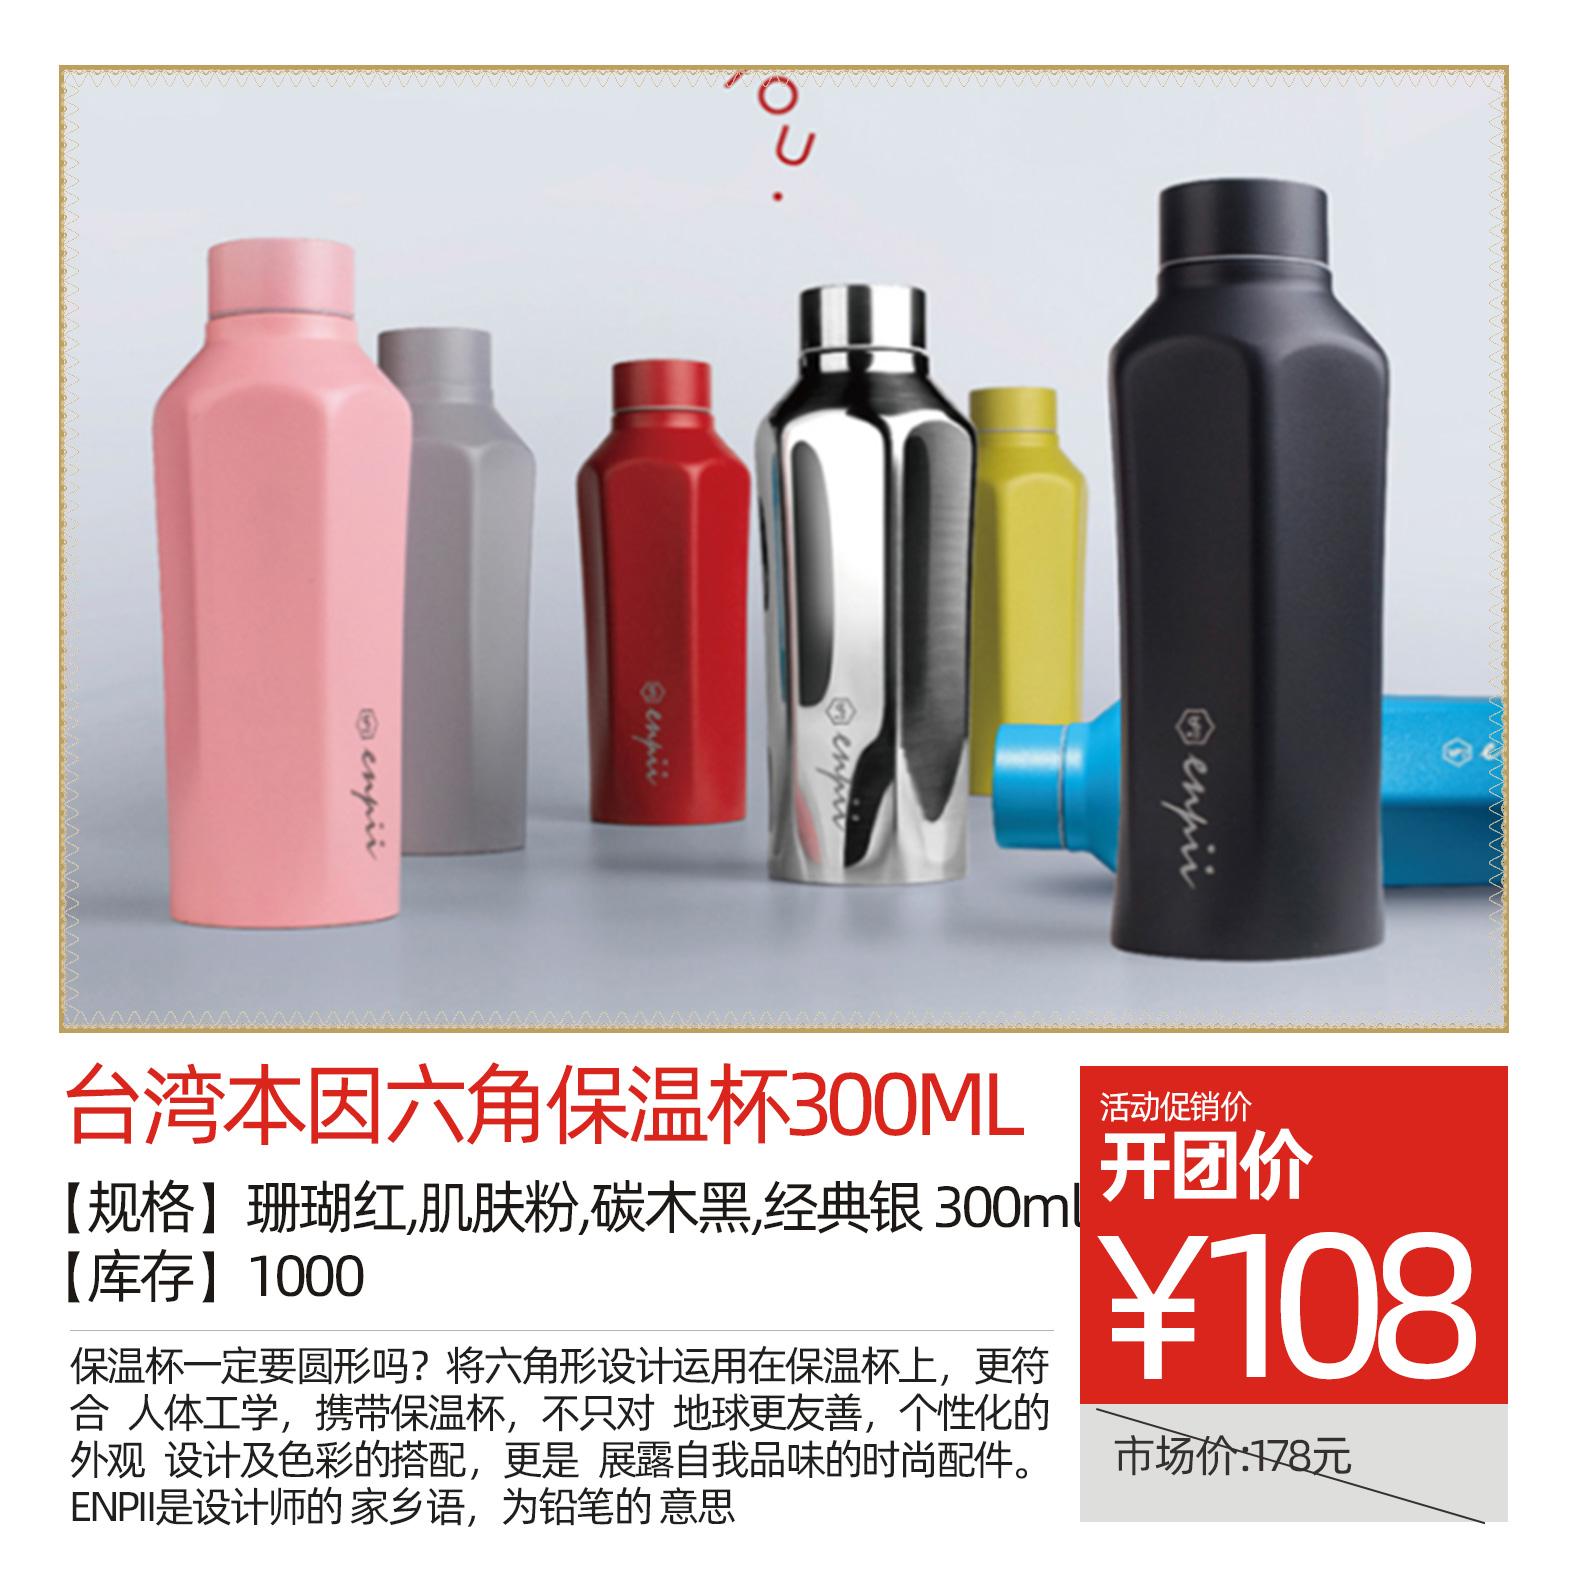 台湾本因六角保温杯300ml